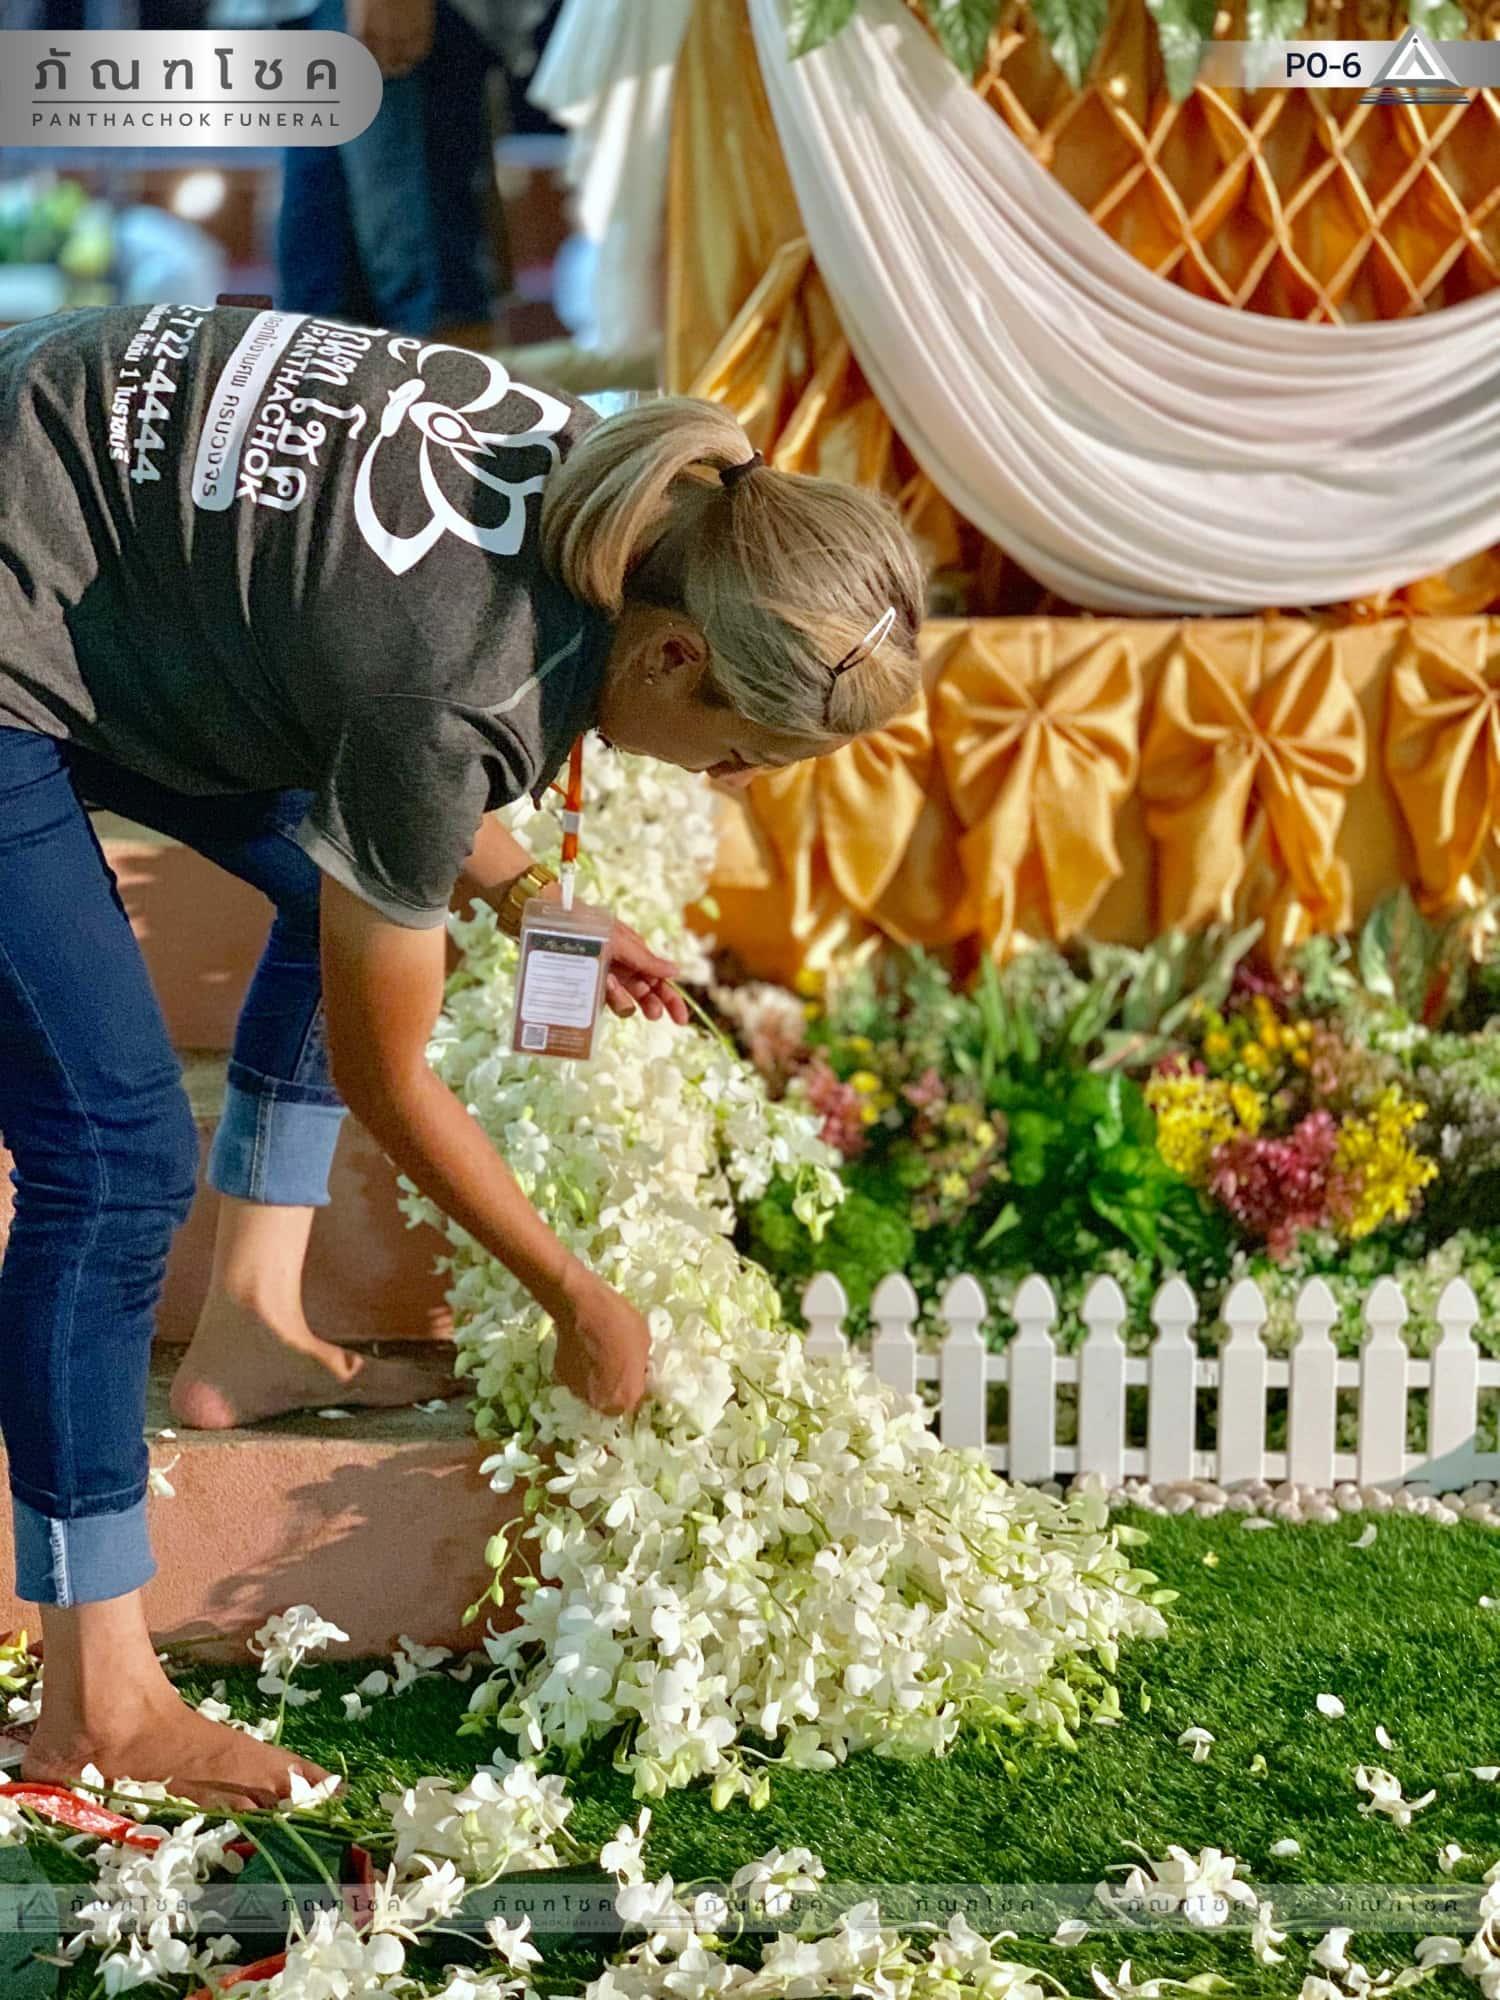 ดอกไม้ประดับเมรุ ชุด P0-6 142